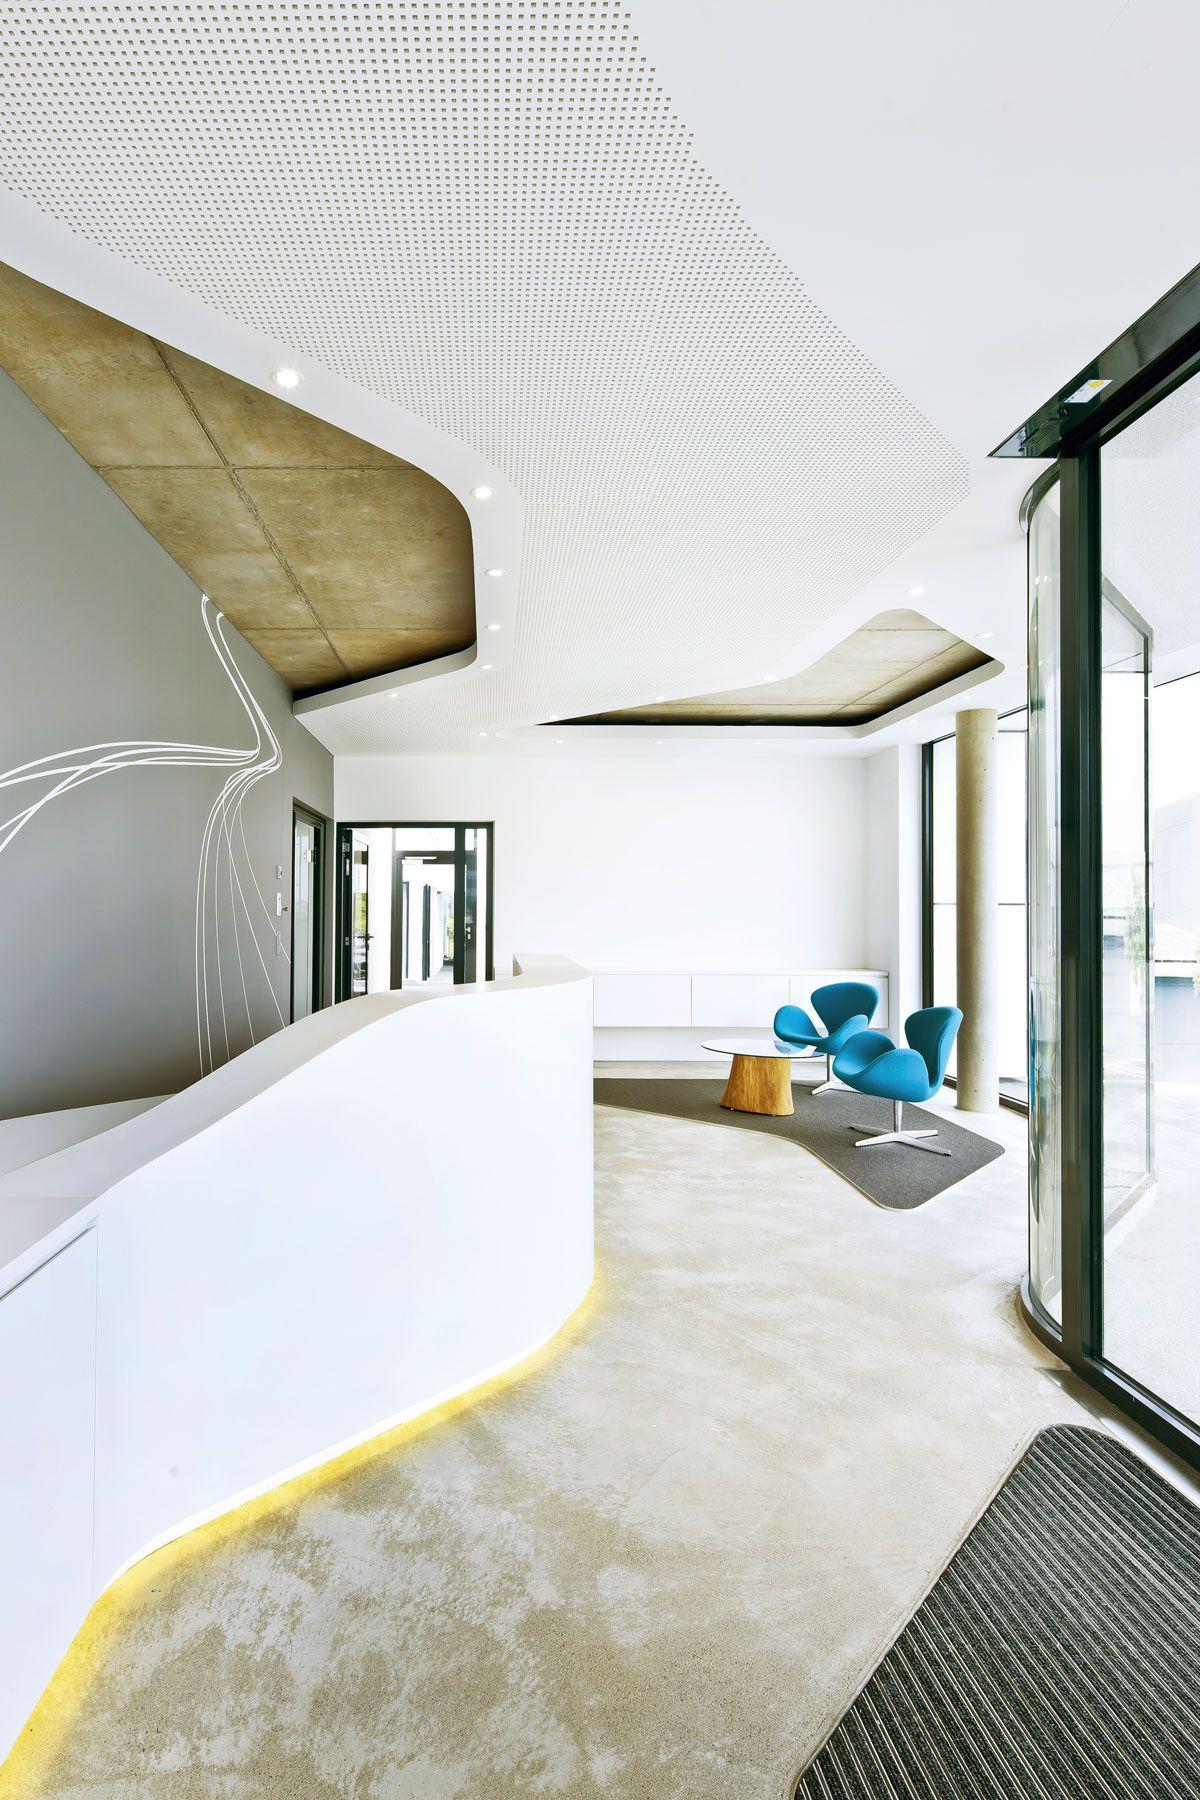 Isdb burogebaude friedrichshafen buero office interiors architecture design retail architects also in rh pinterest